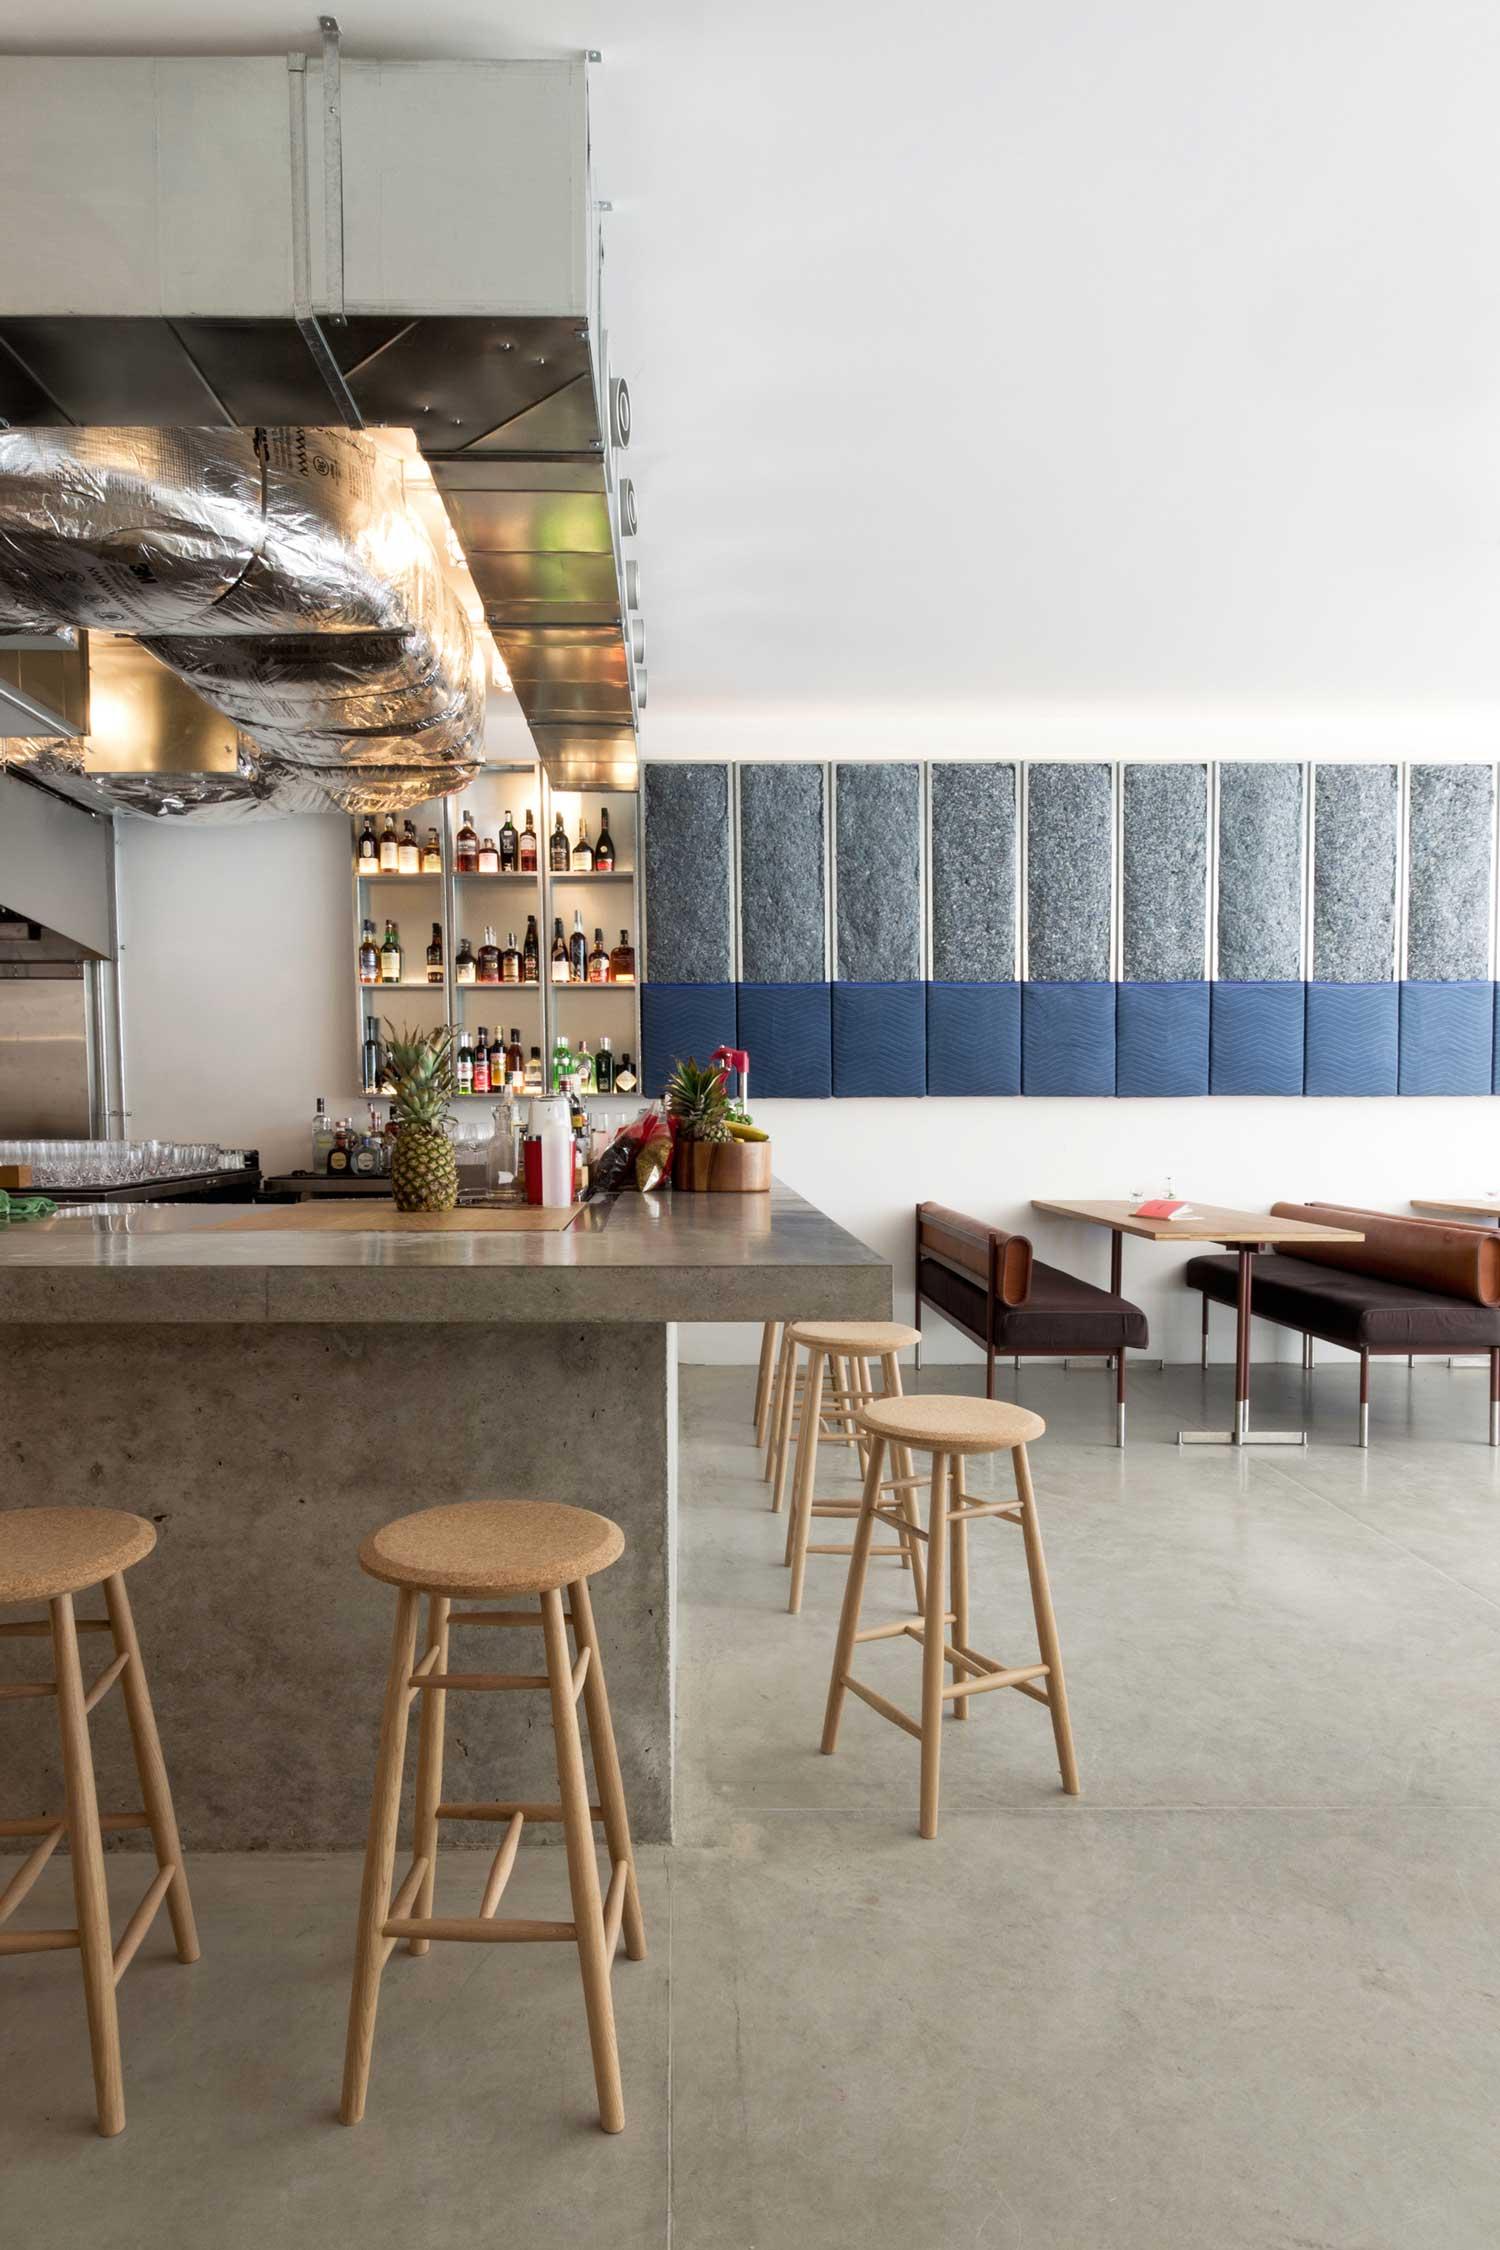 Torafuku modern asian eatery by scott architects